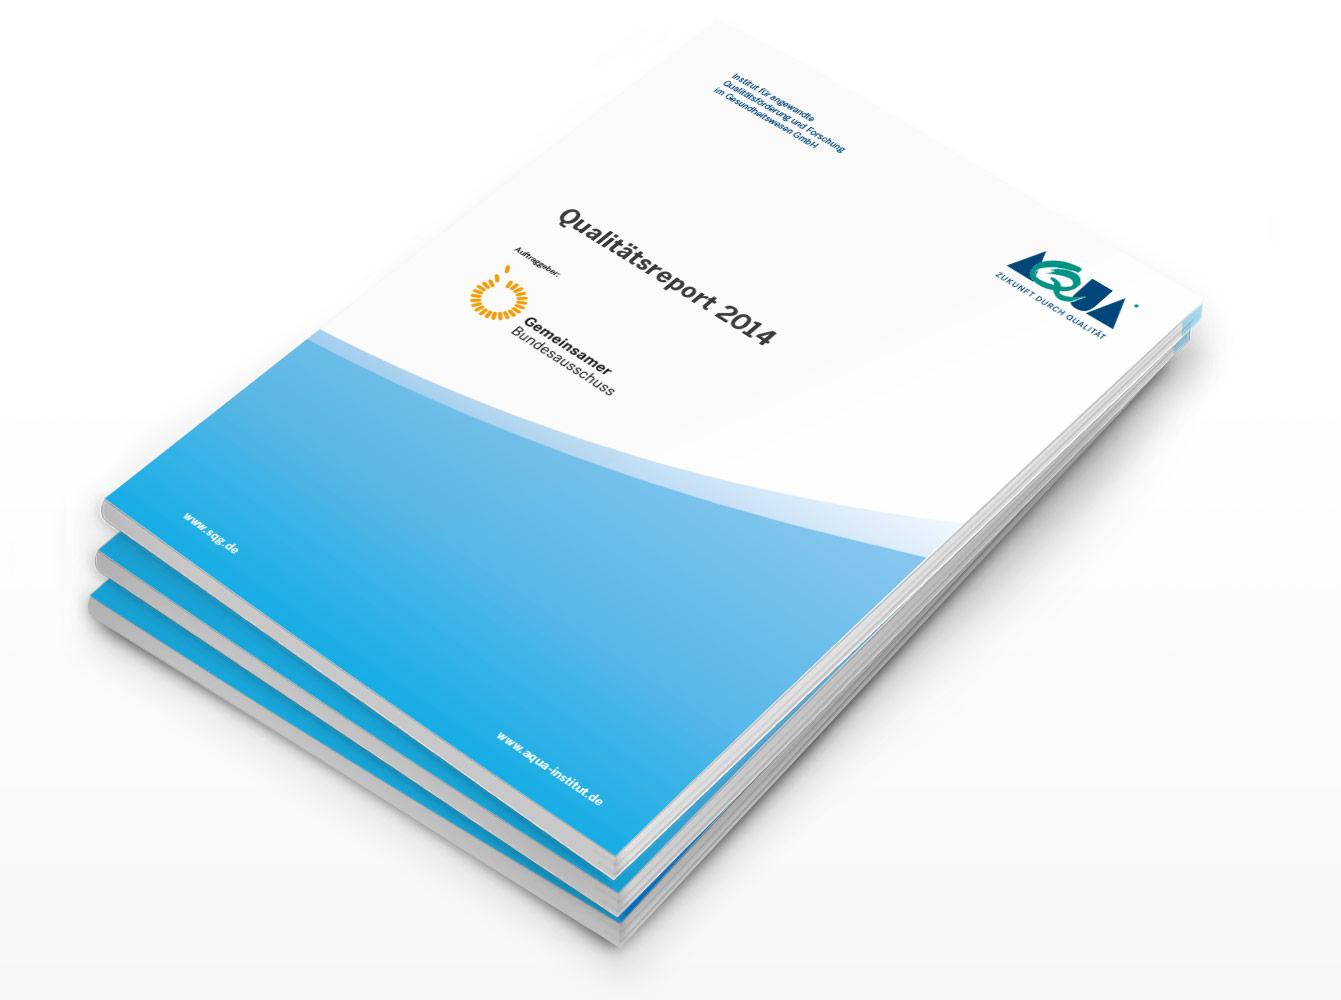 AQUA-Qualitätsreport 2014